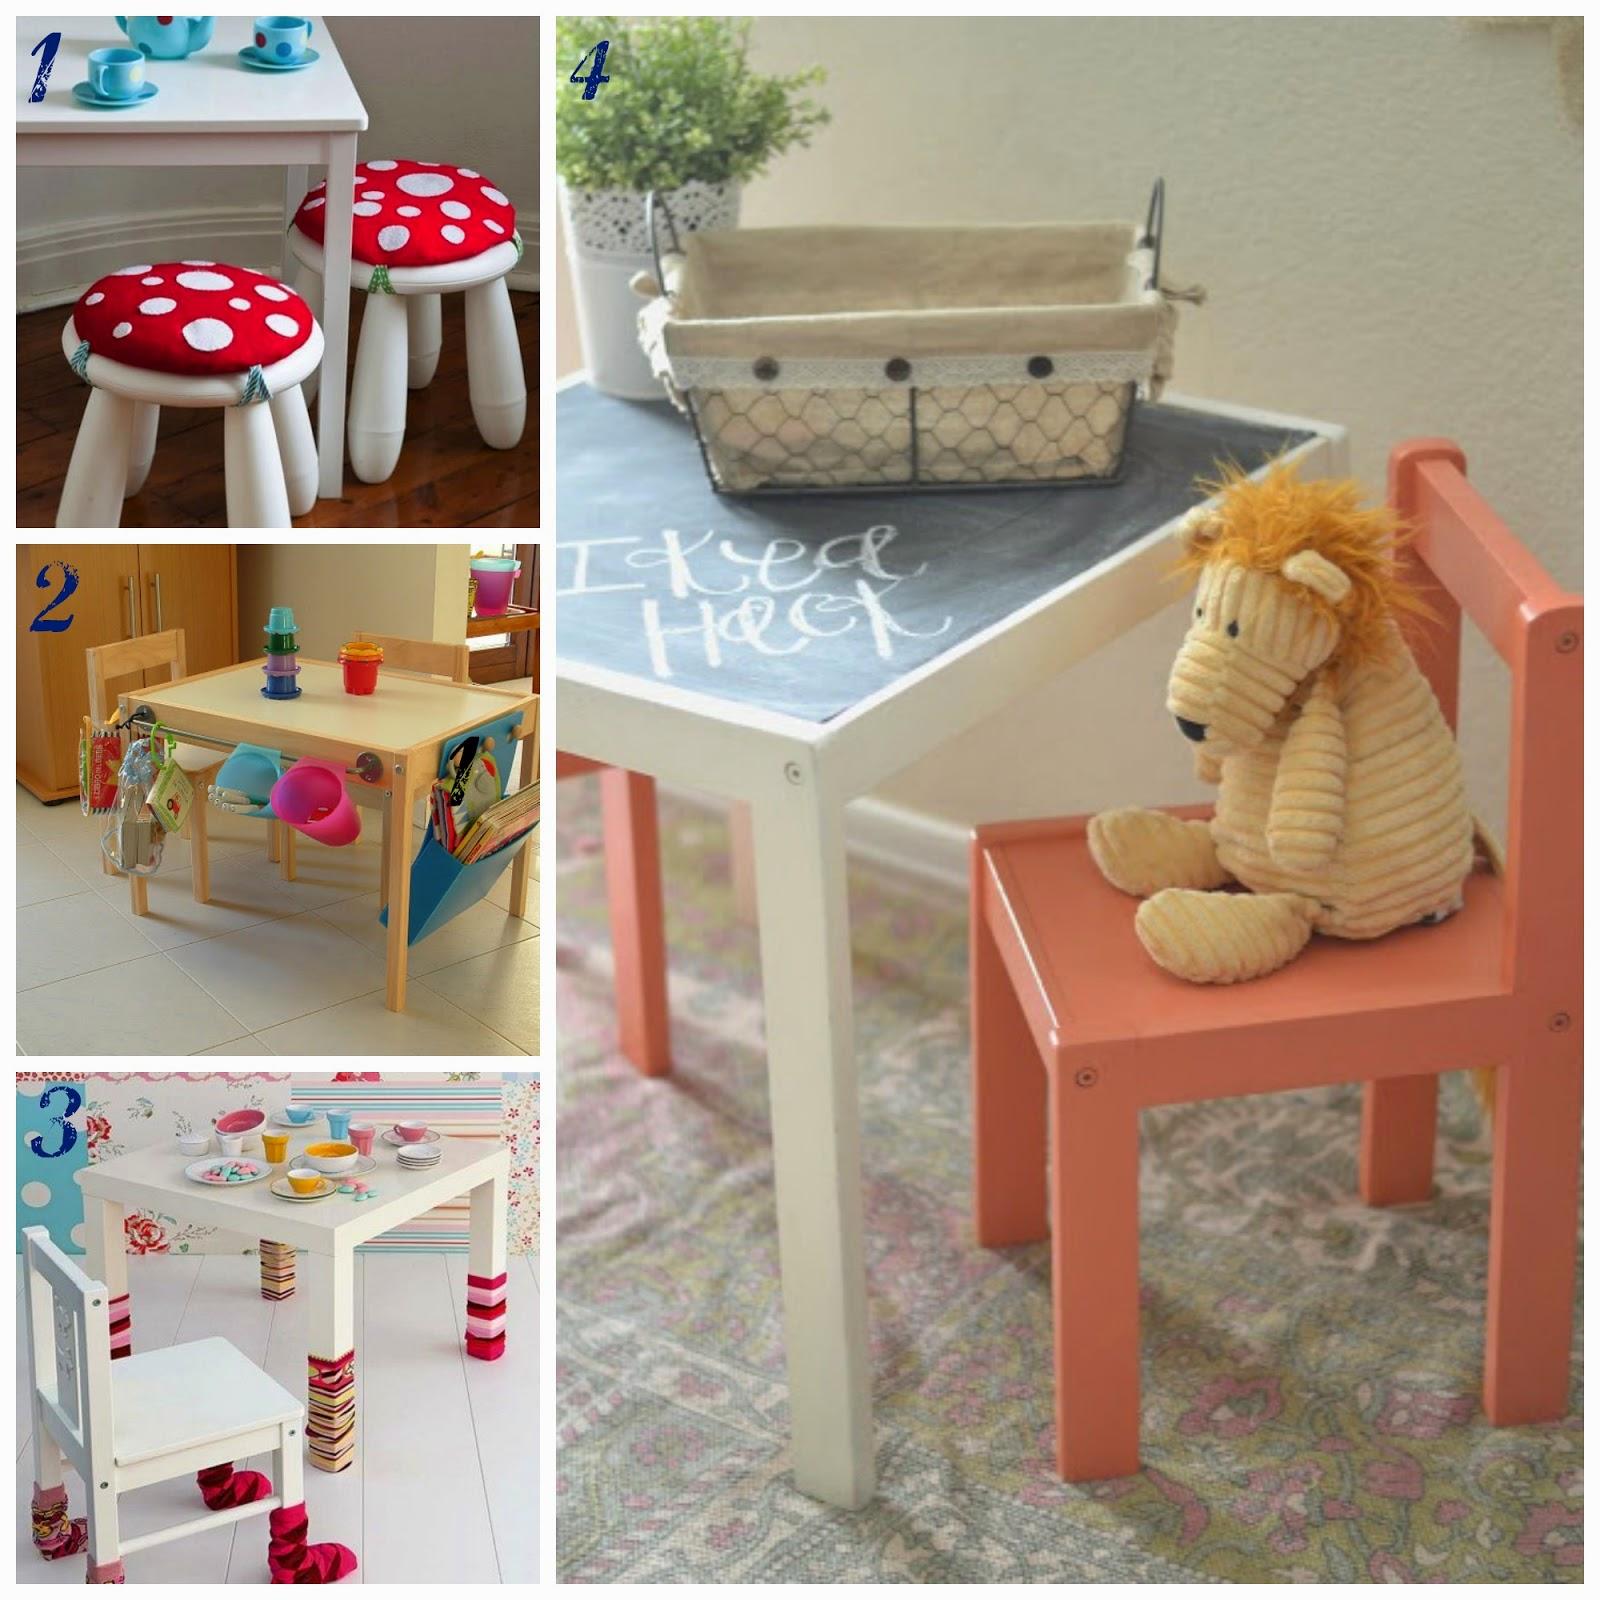 Mobili lavelli tavolini per bambini ikea - Ikea seggioloni per bambini ...